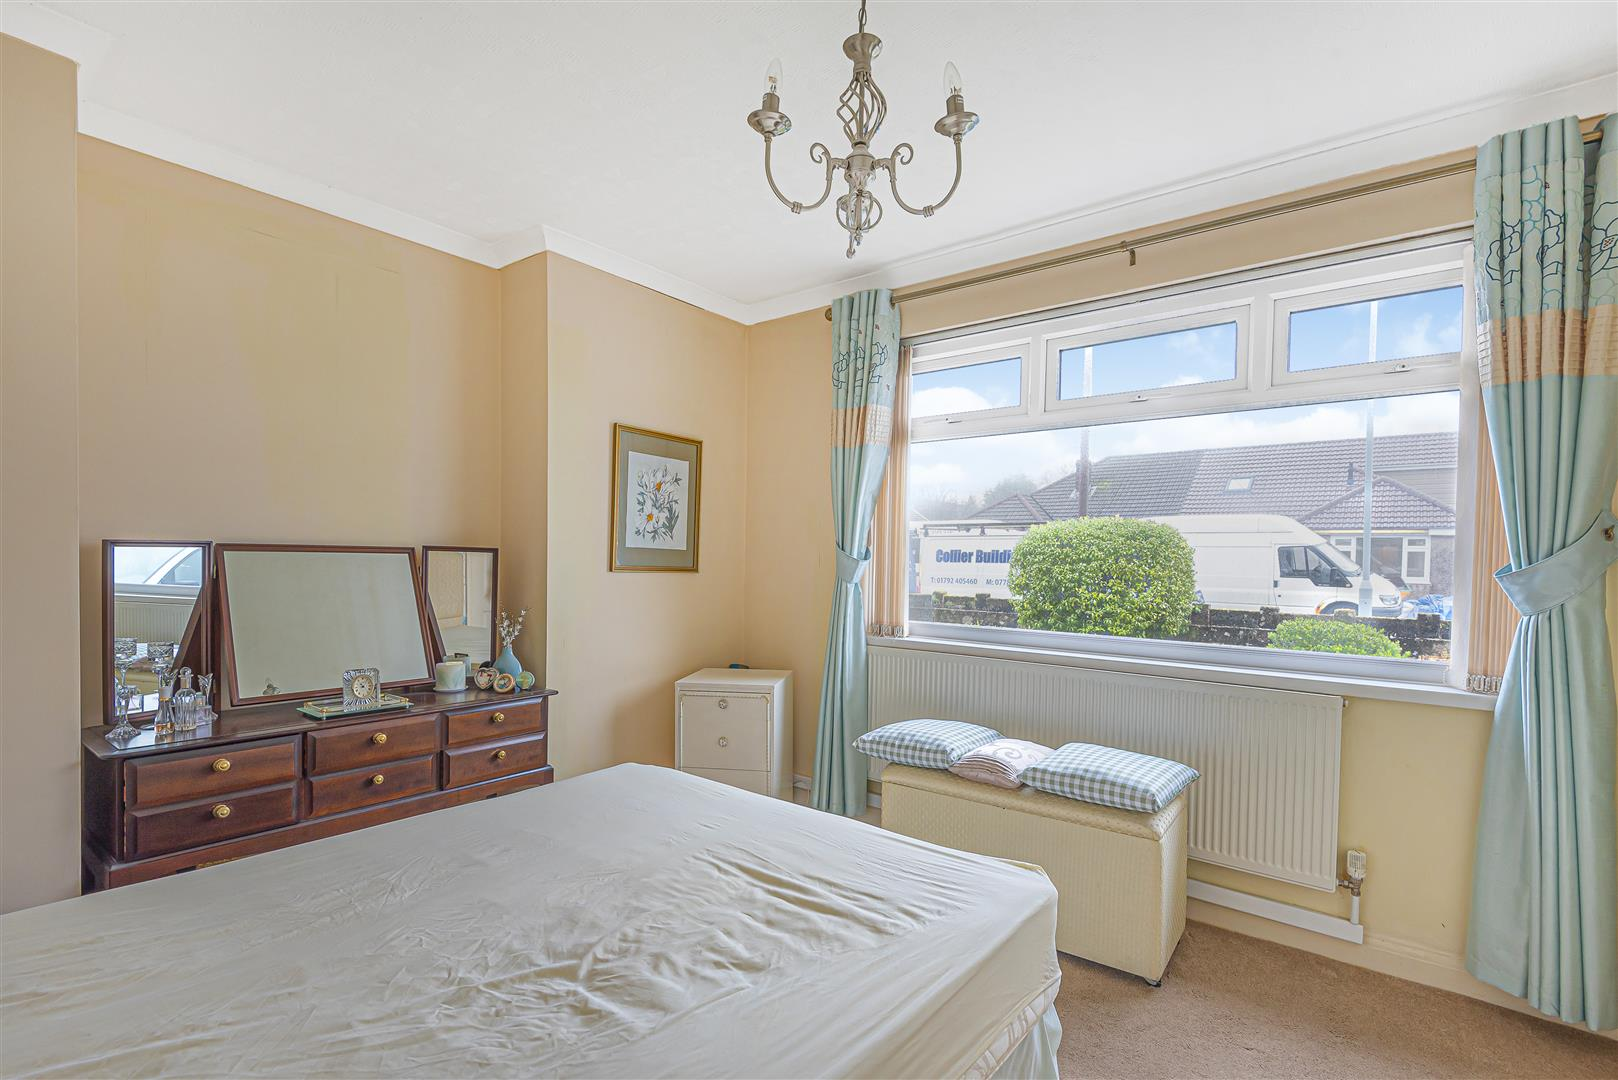 Moorland Avenue, Newton, Swansea, SA3 4UA